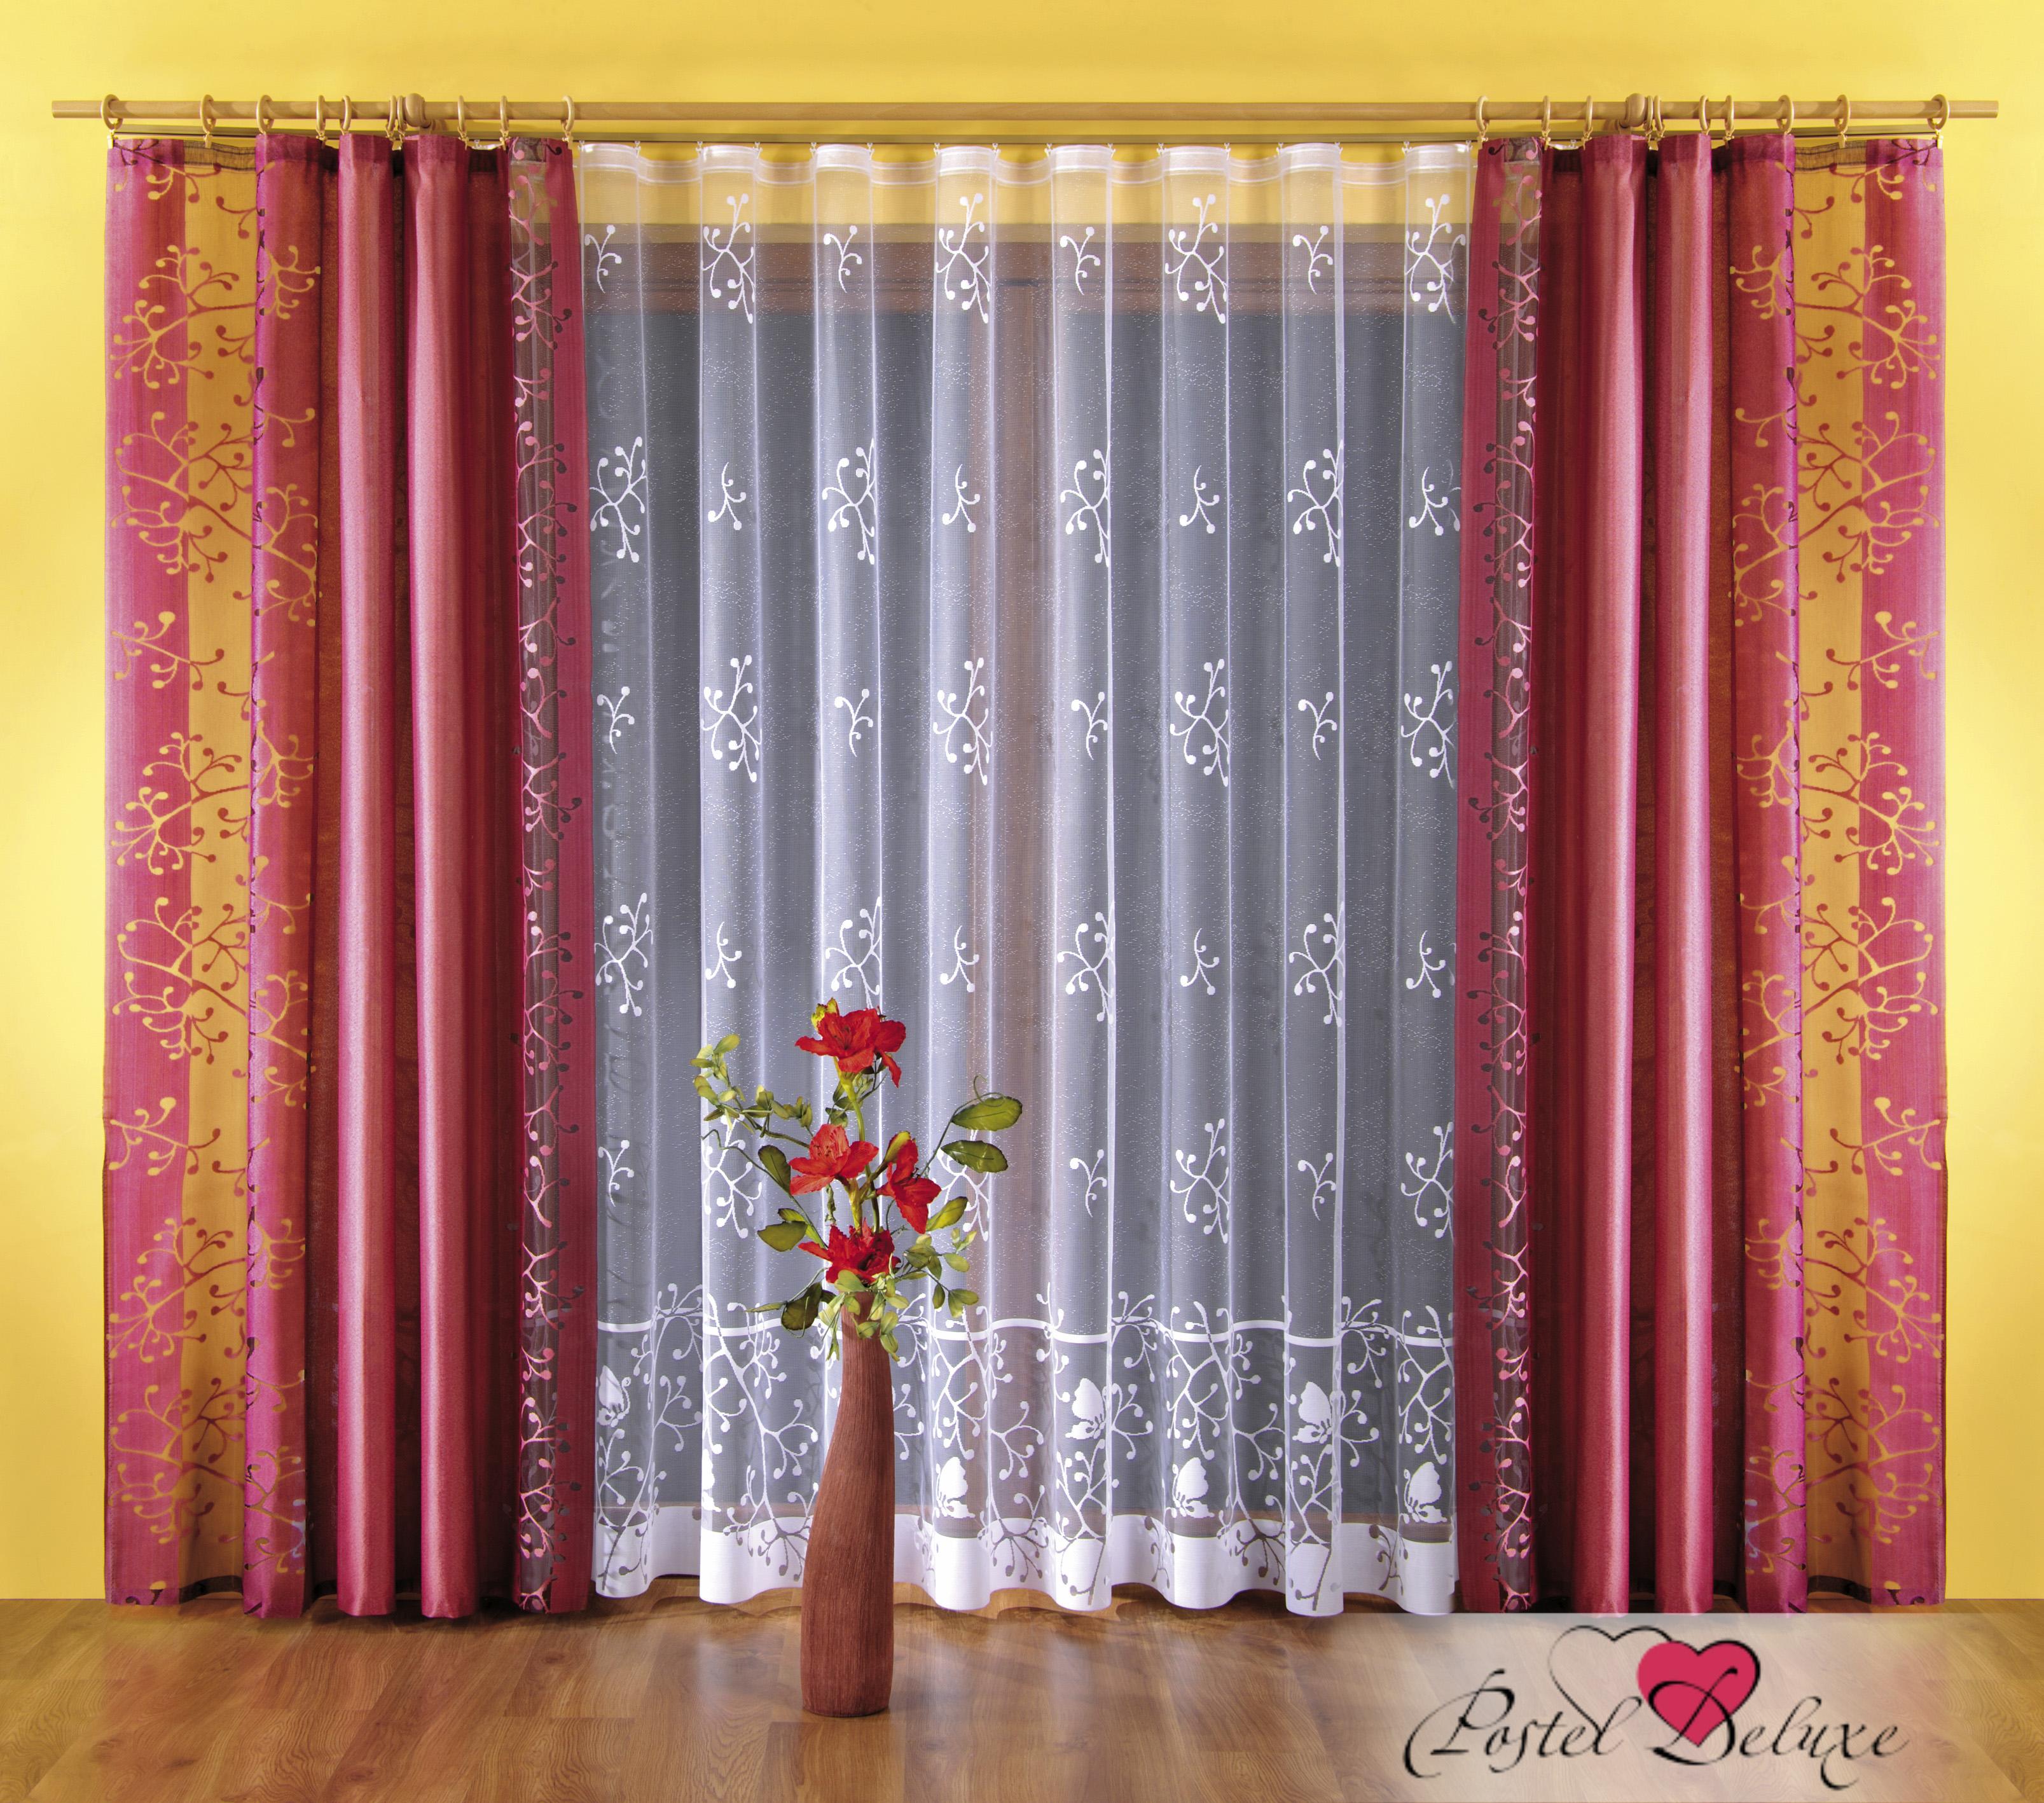 Шторы Wisan Классические шторы Цвет: Бордовый, Малиновый шторы tac классические шторы winx цвет персиковый 200x265 см